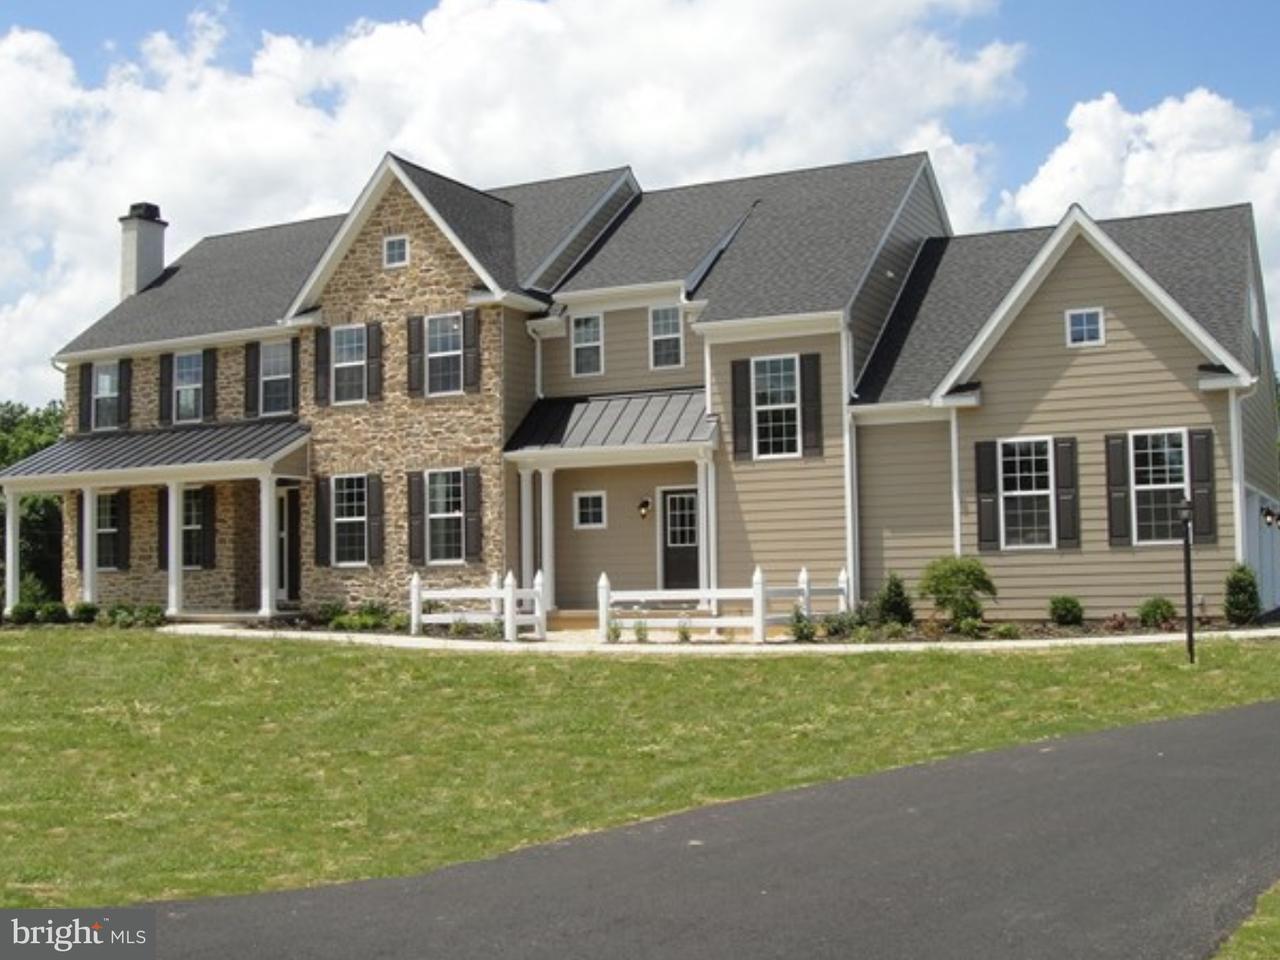 独户住宅 为 销售 在 Lot 4 ROSE Lane Horsham, 宾夕法尼亚州 19044 美国